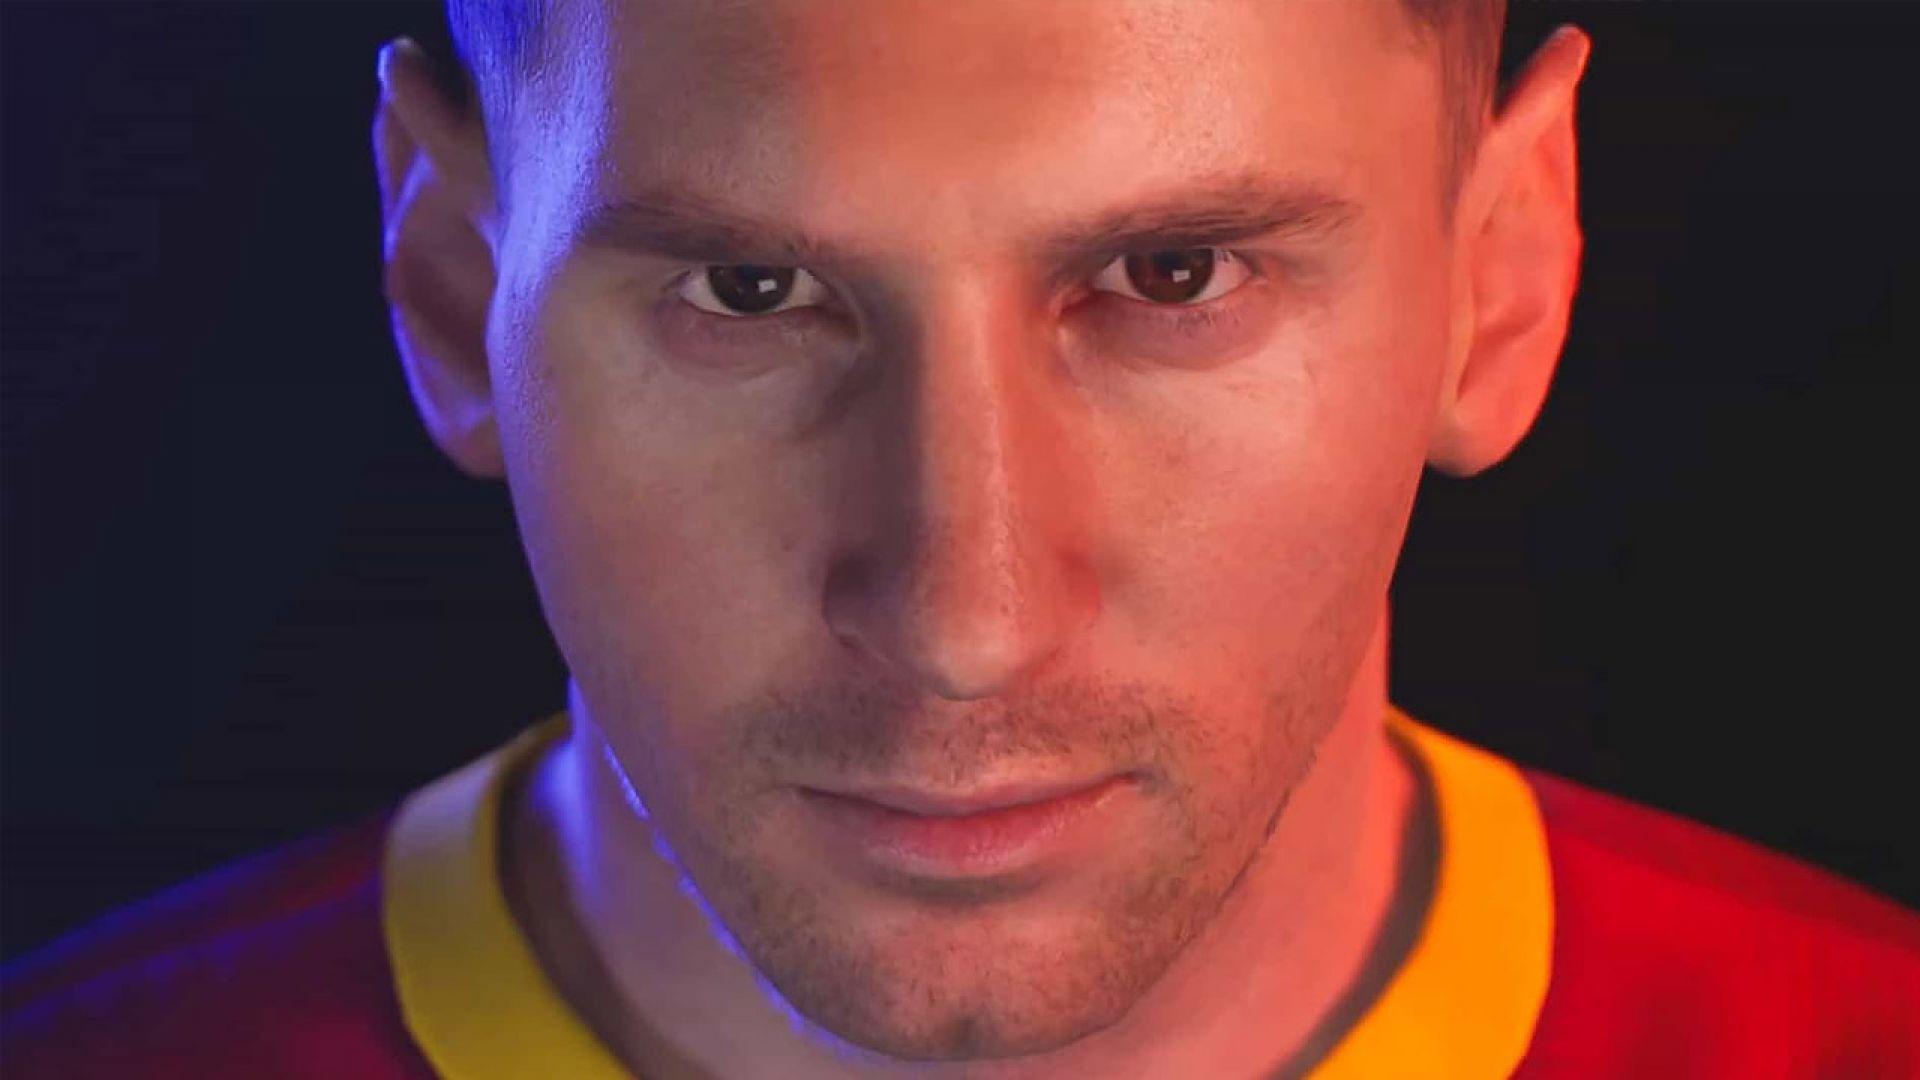 هدف بازی eFootball PES 2022 واقع گرایانه بودن روی PS5 است